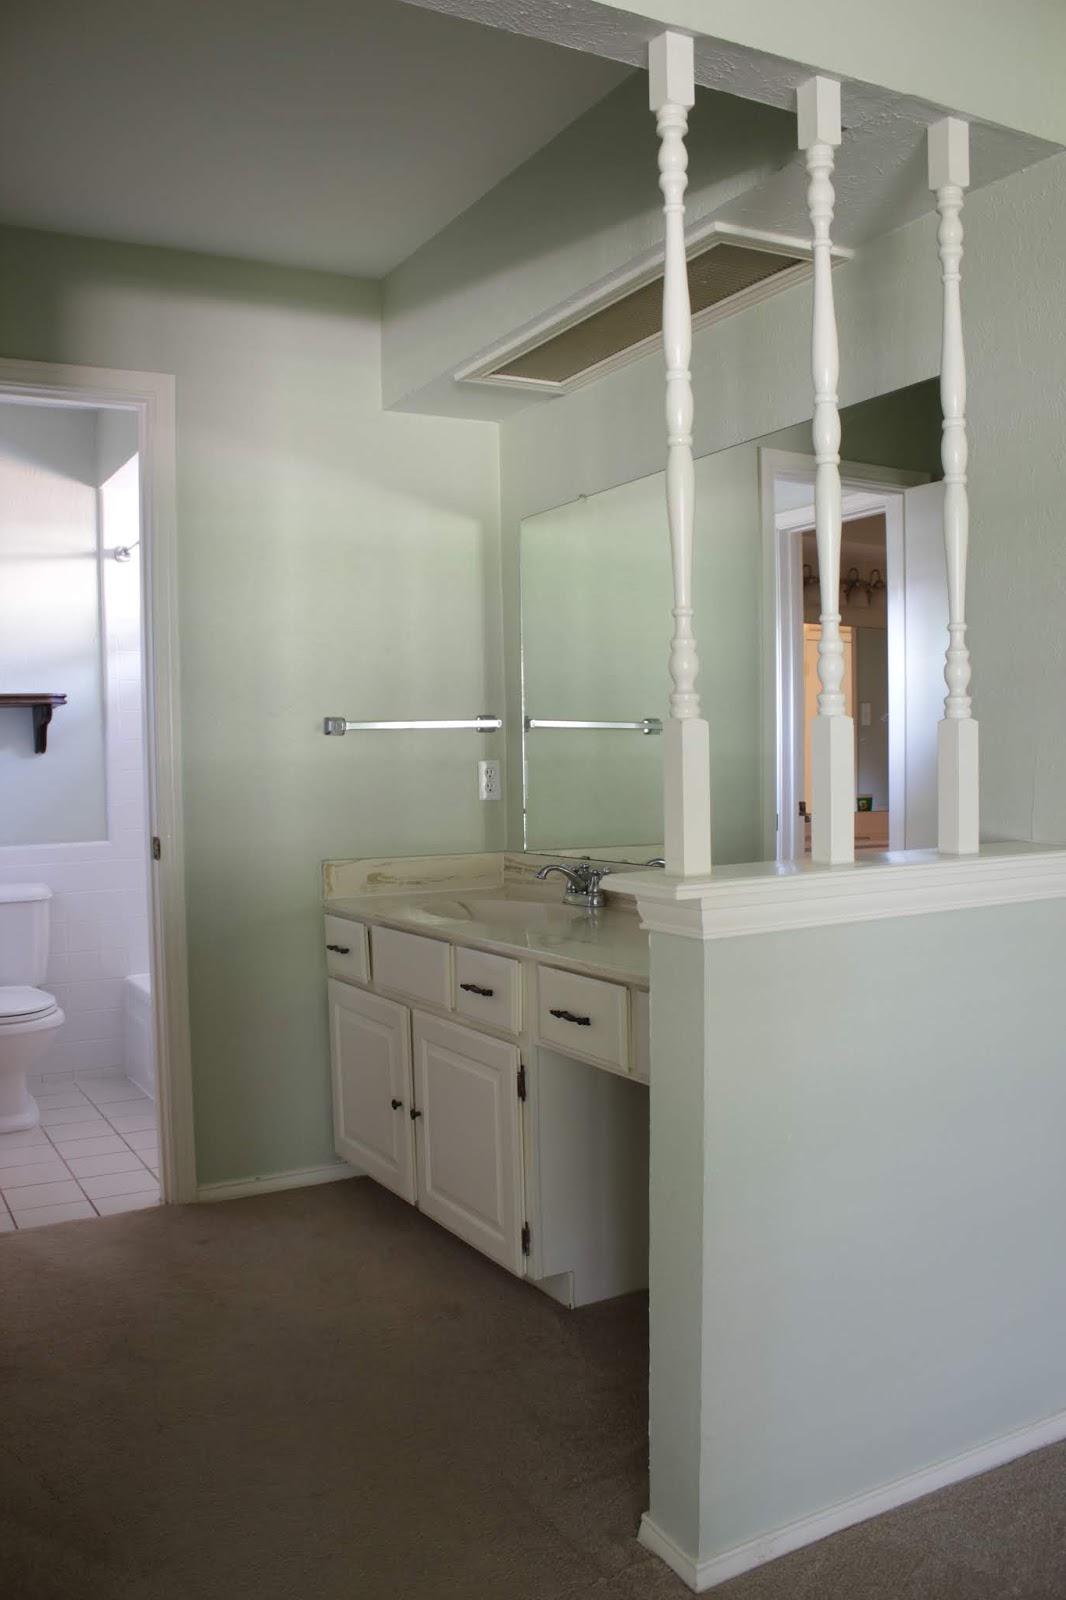 House Homemade- New Home Tour